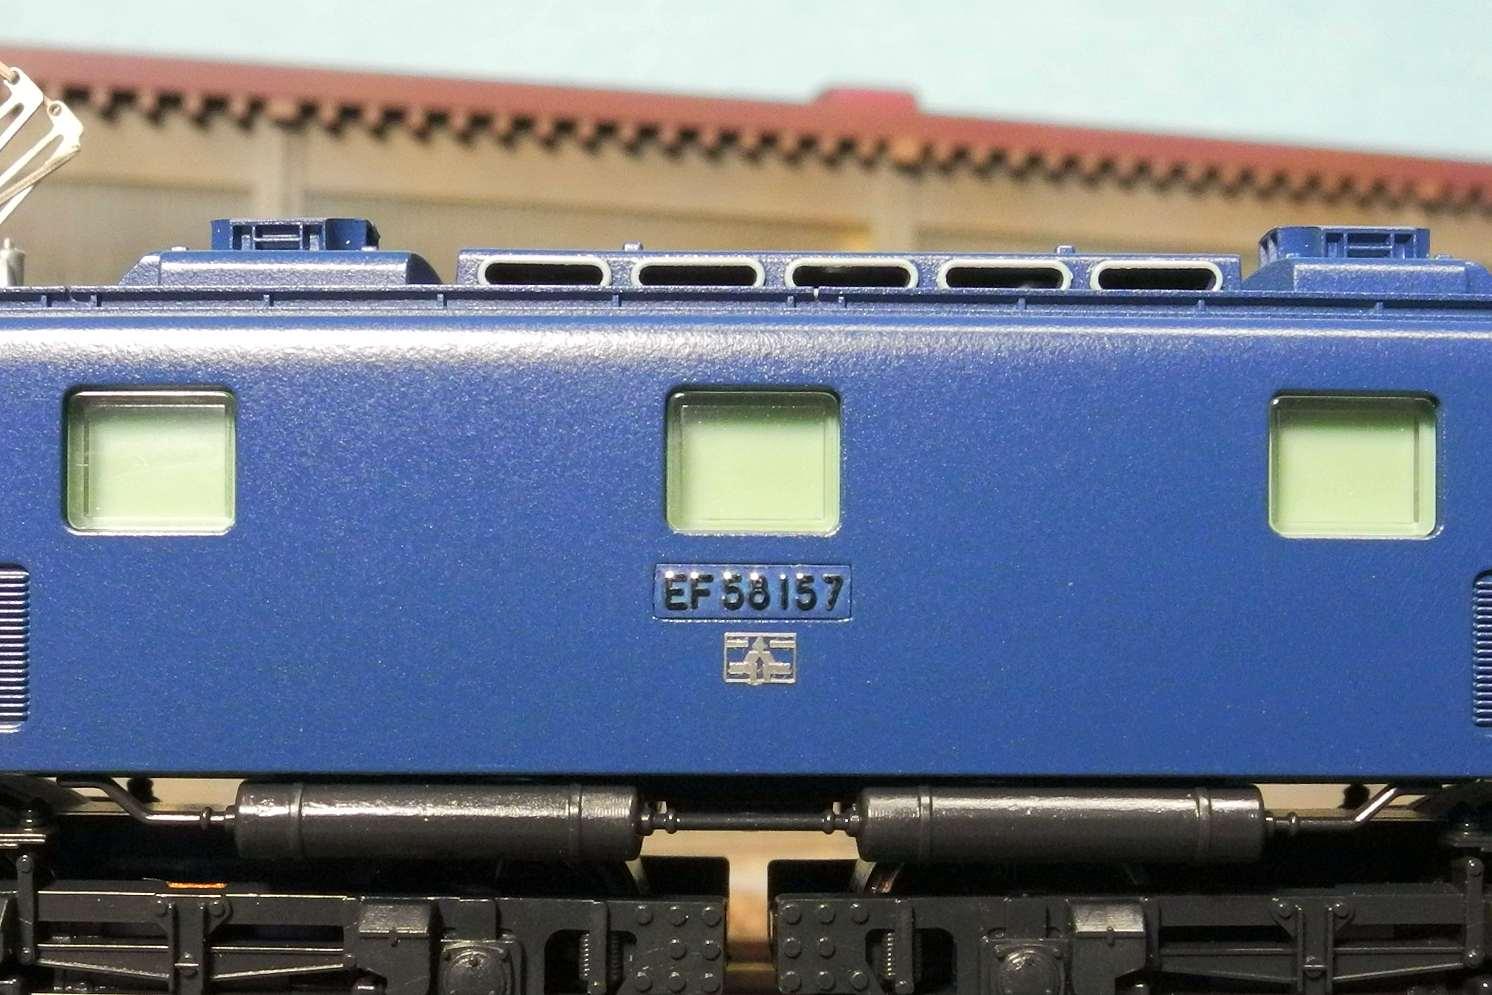 DSCN6412-1.jpg